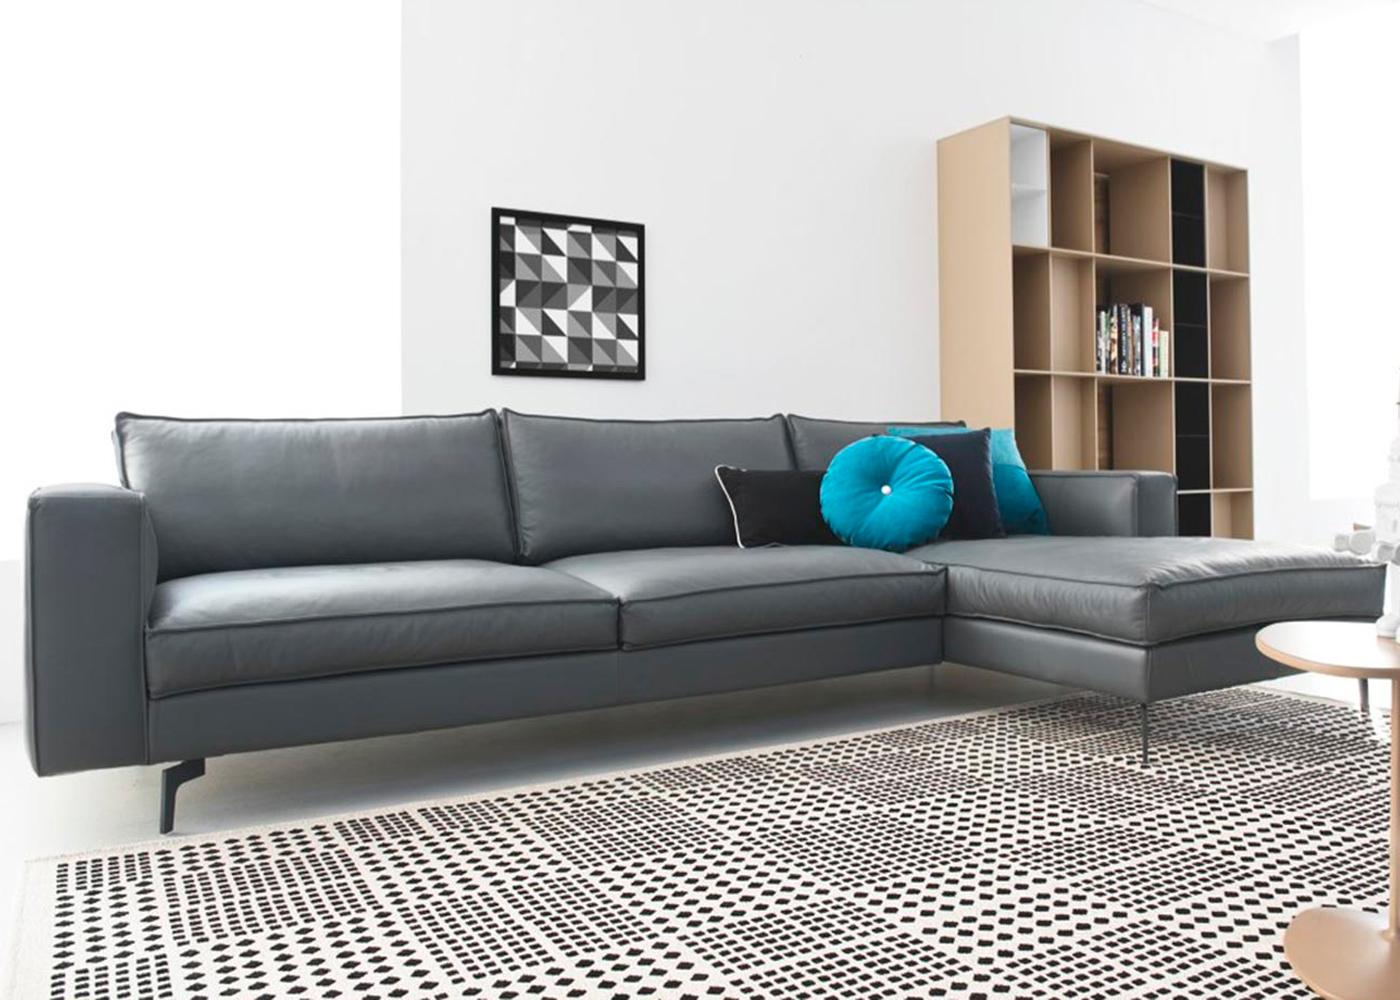 calligaris sofas uk rent a sofa square corner midfurn furniture superstore